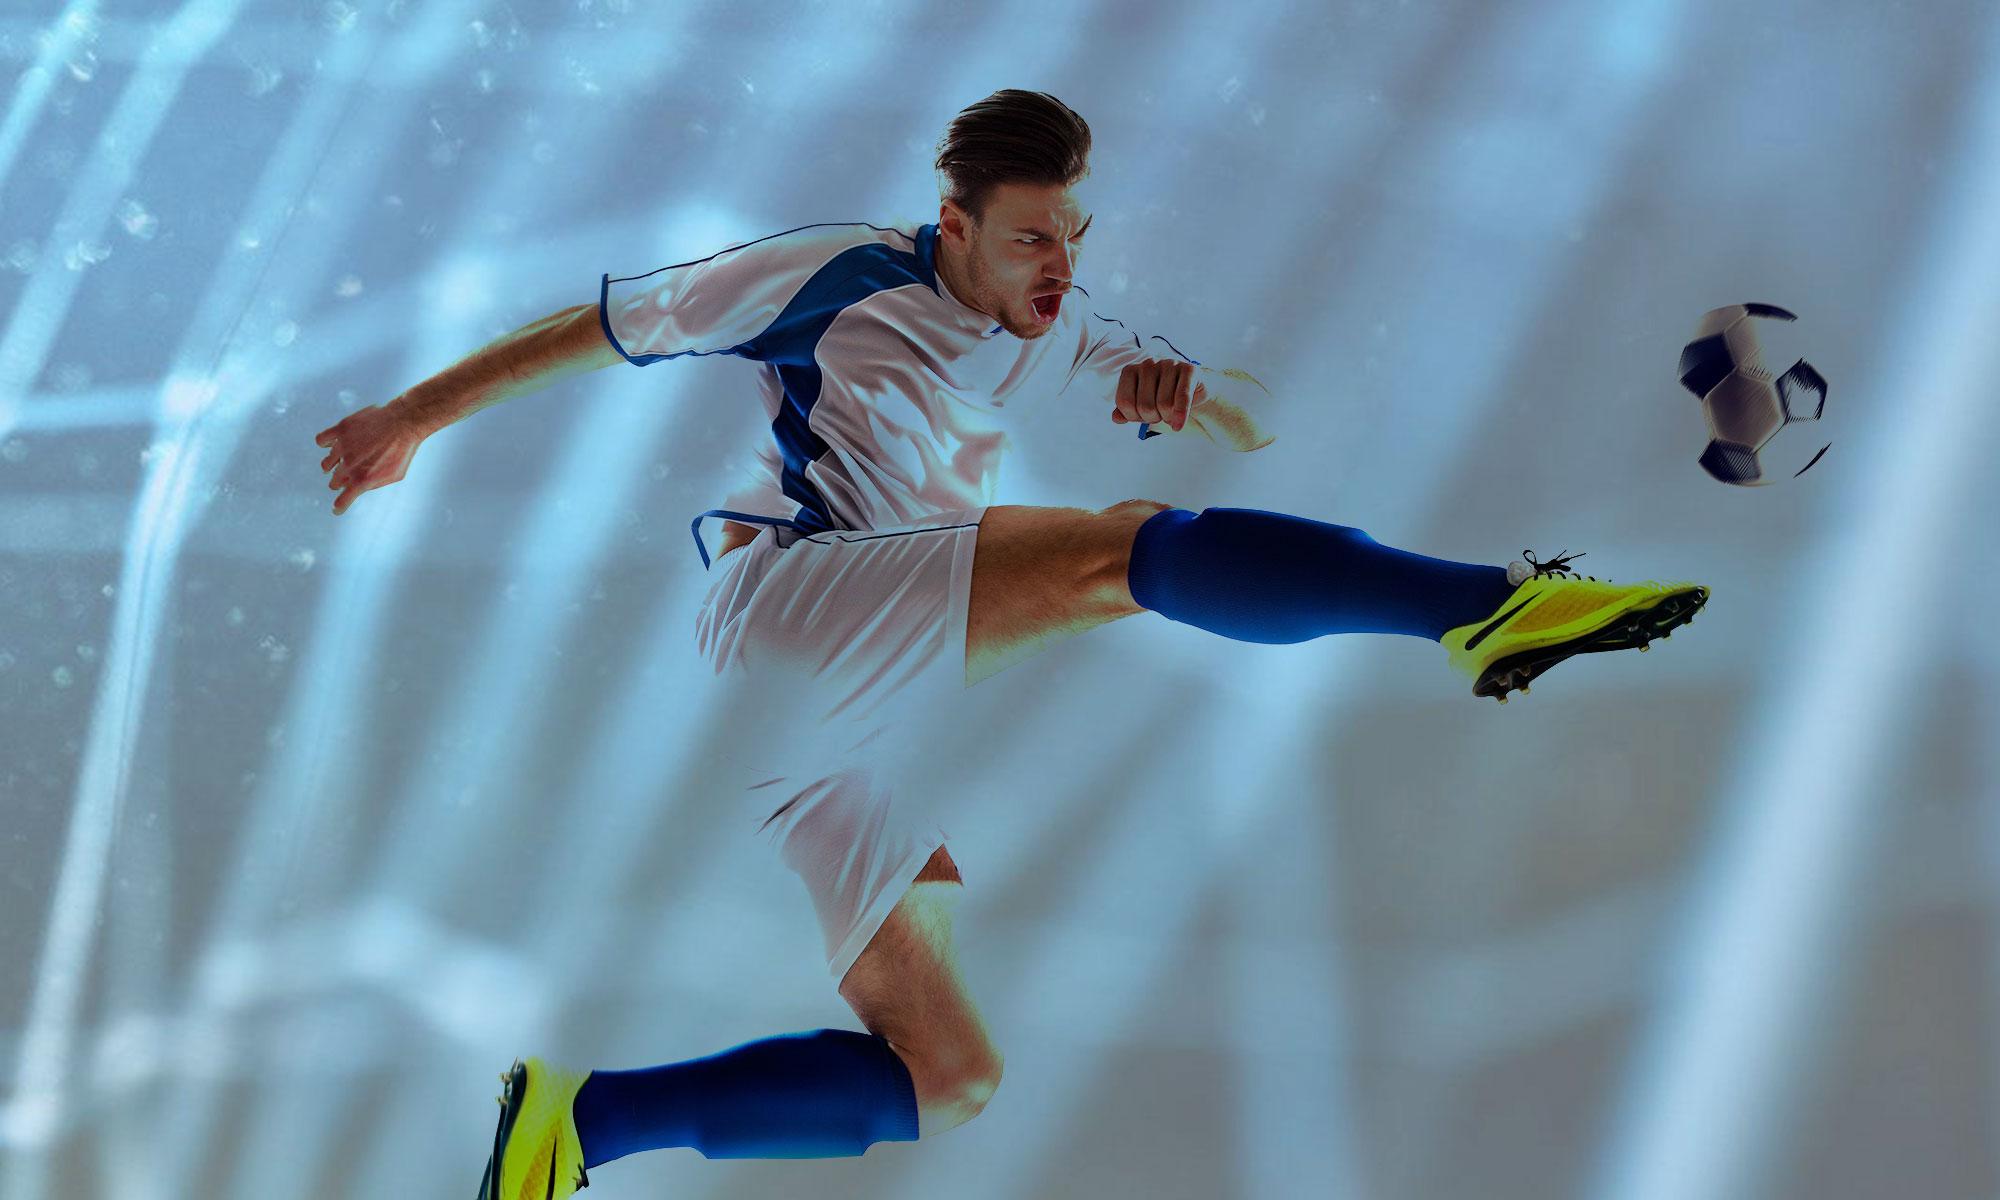 Soccer - la Communauté Sépharade Unifiée du Québec